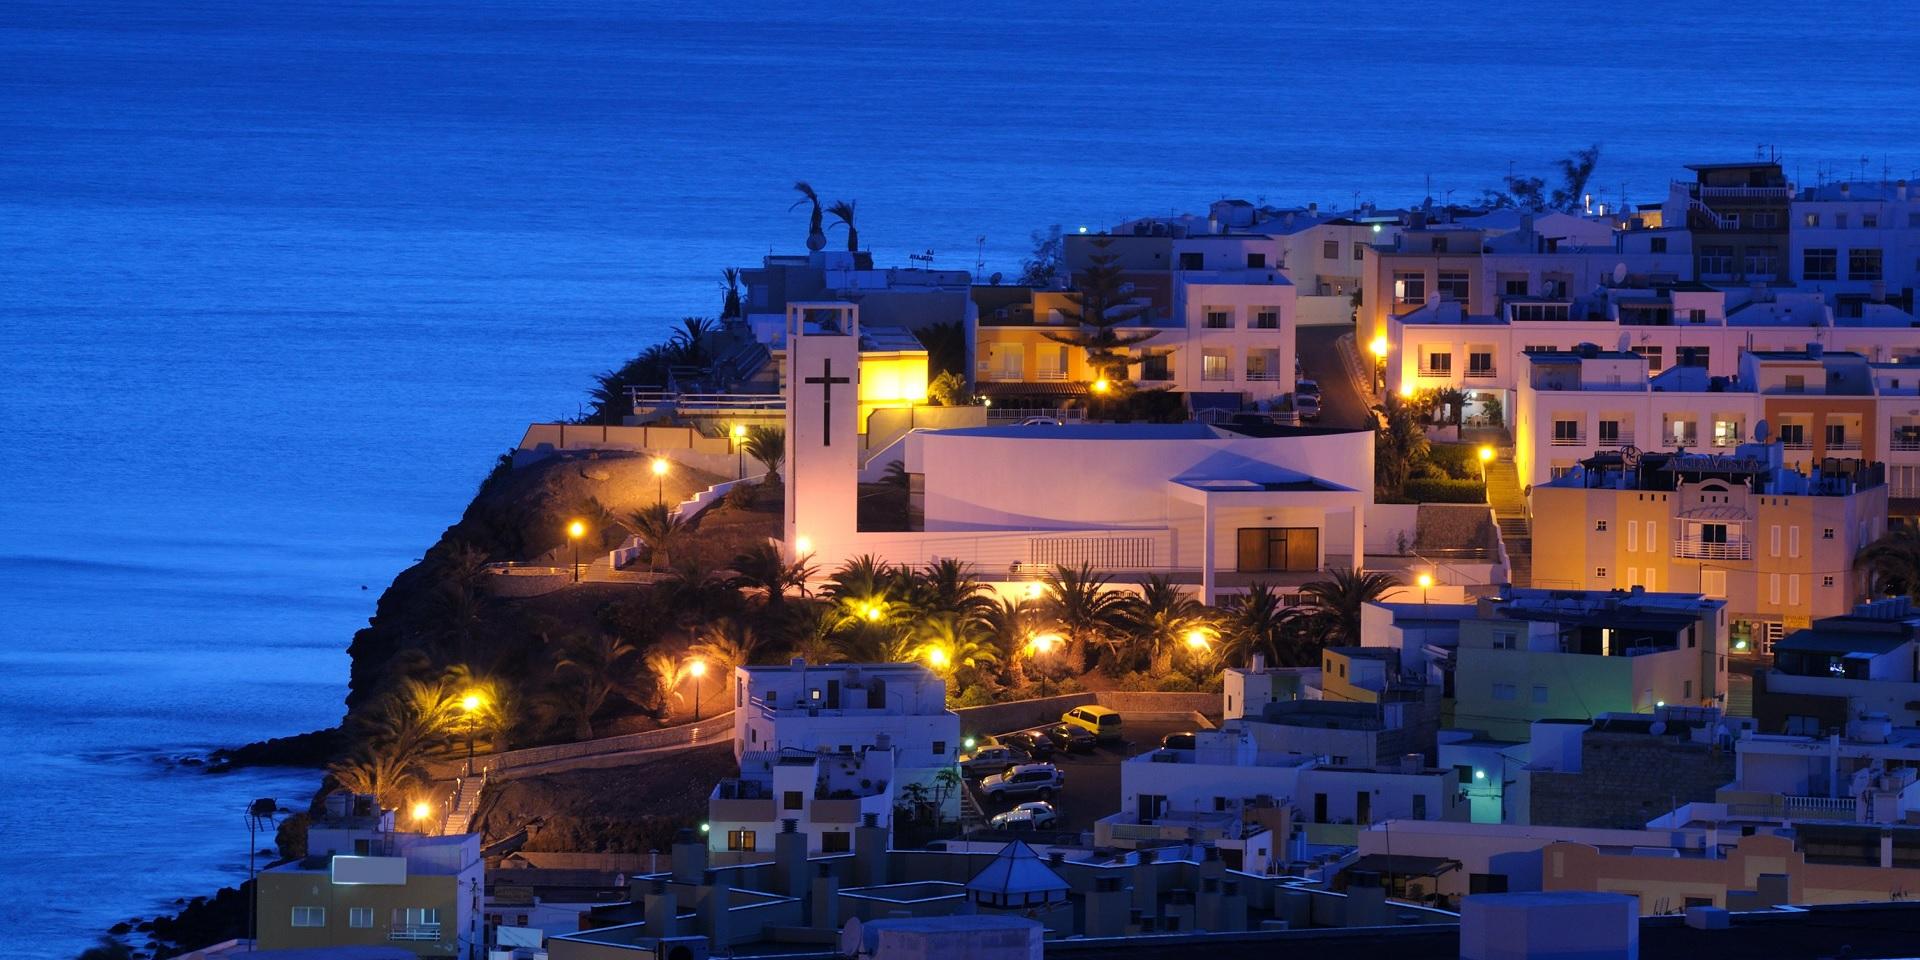 DMC Lanzarote